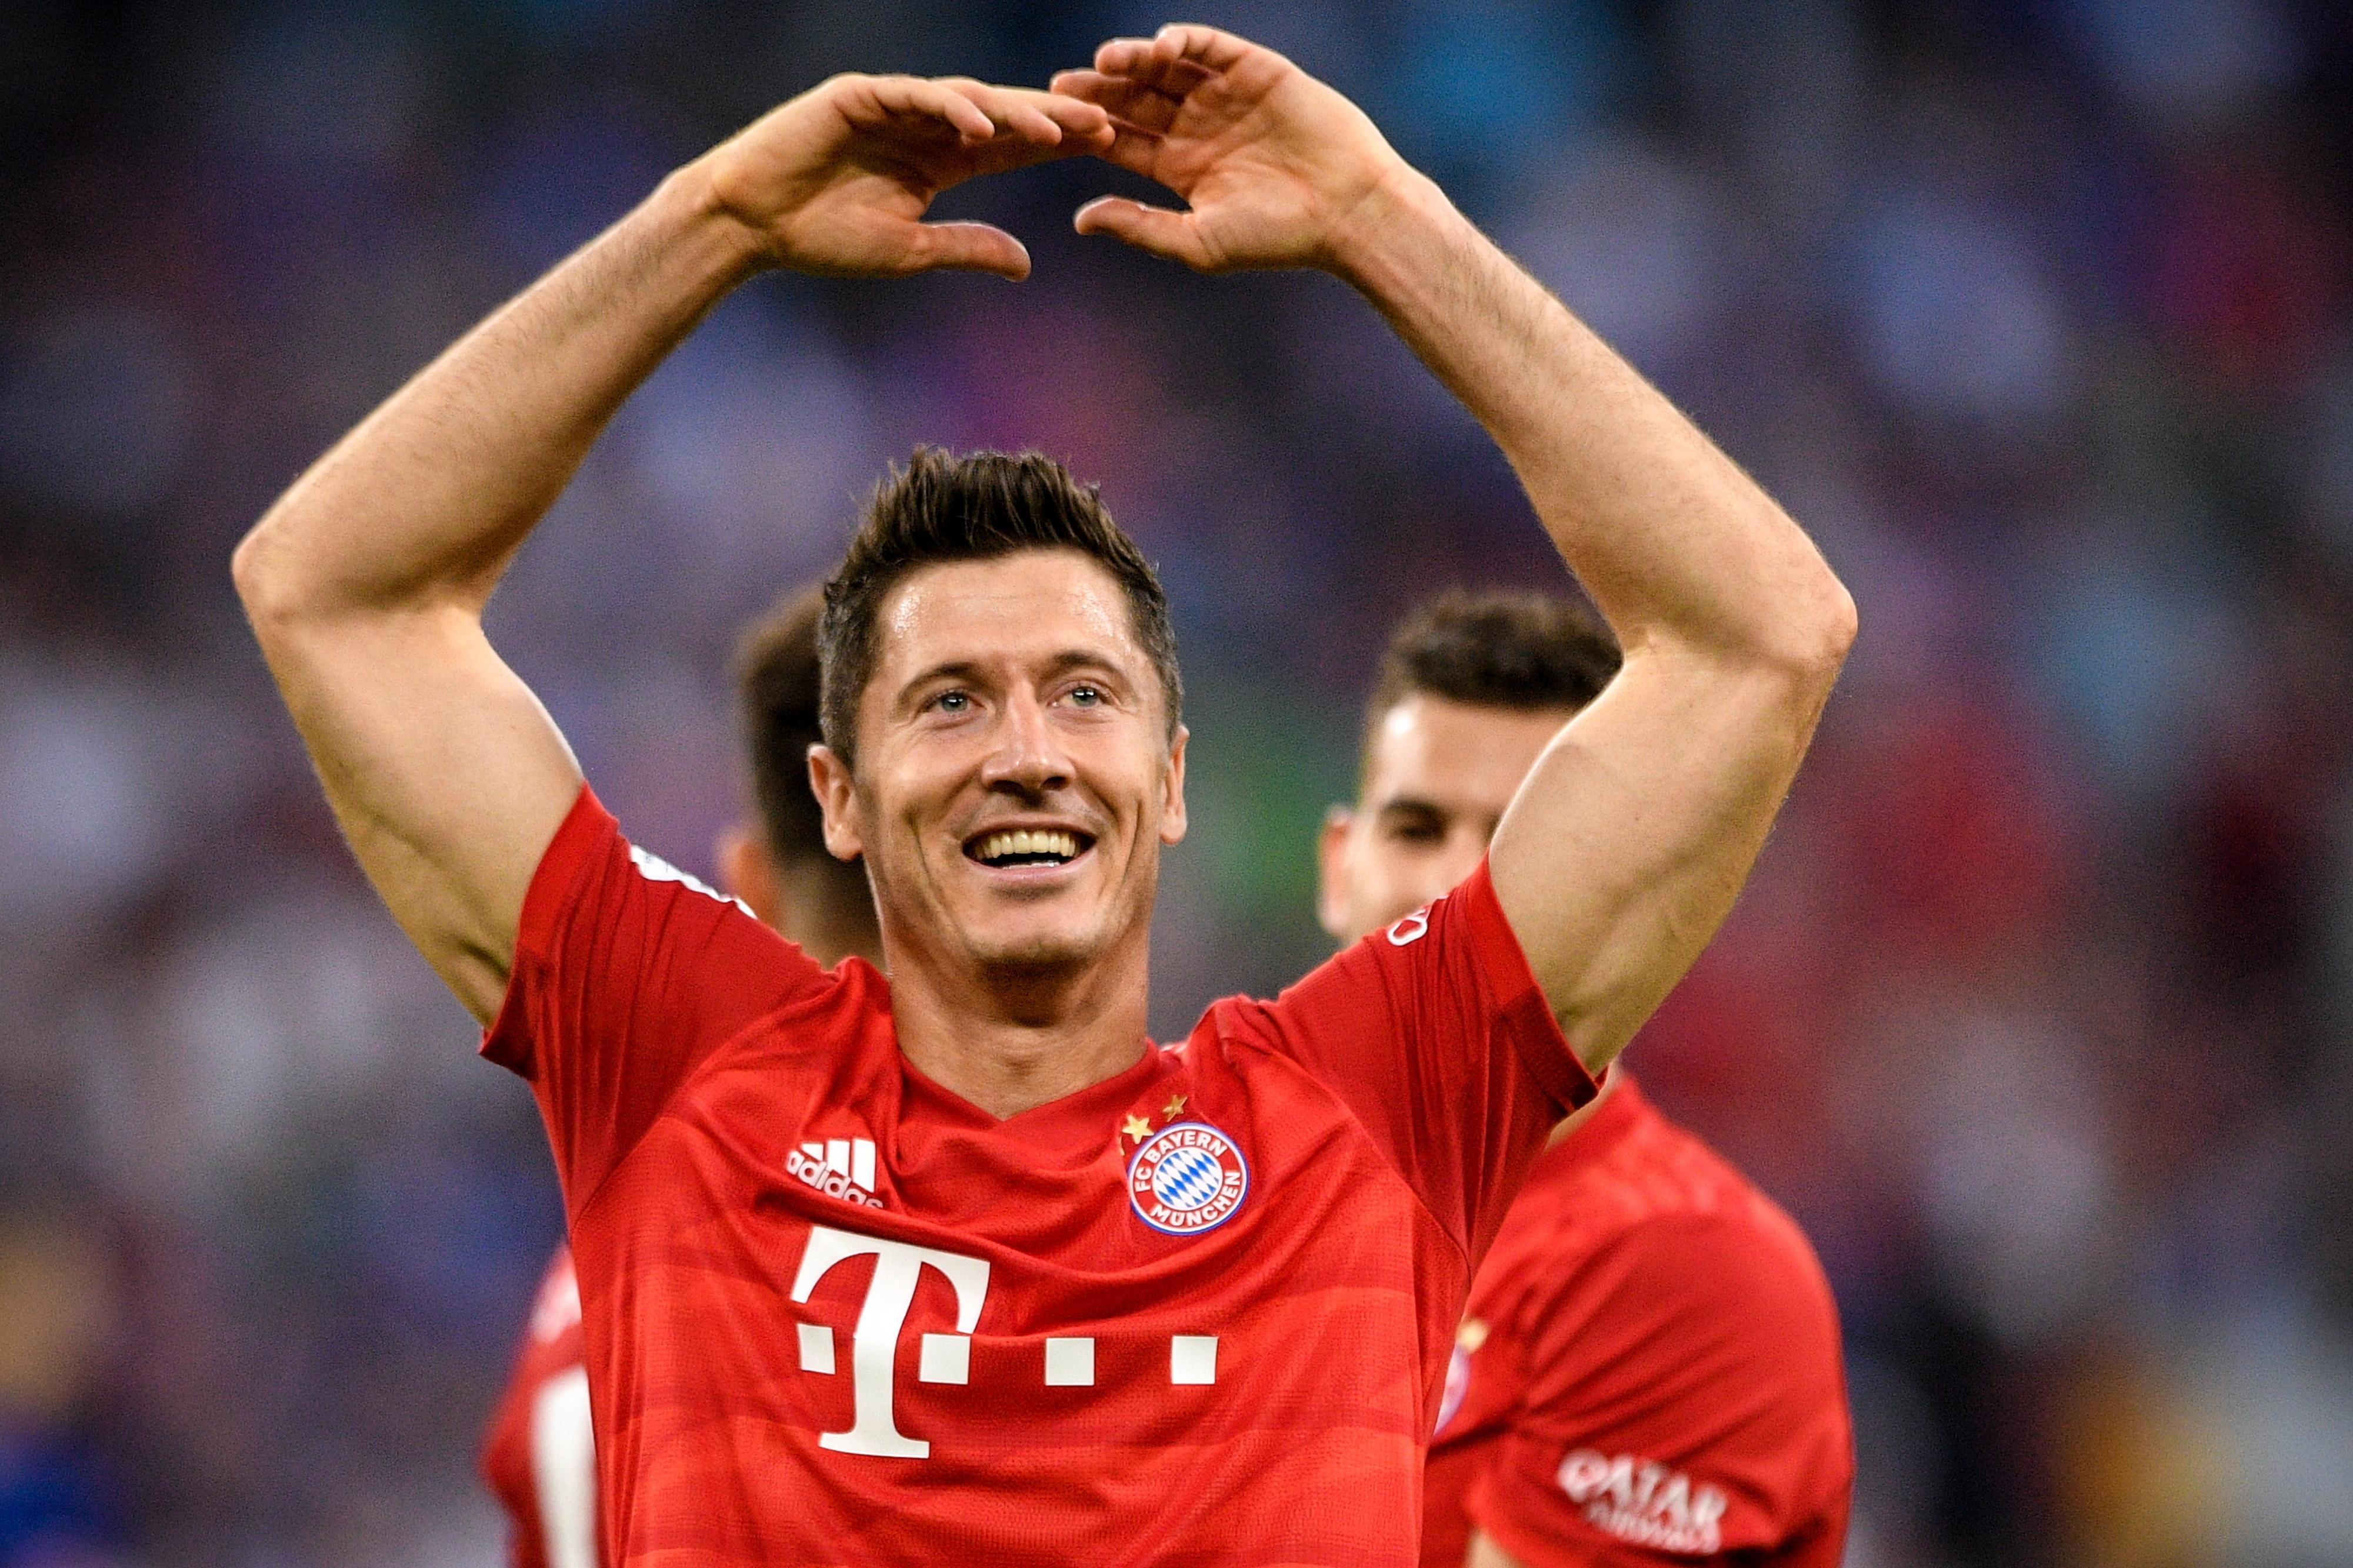 Hat-trick de Lewandowski dá primeira vitória ao Bayern no campeonato alemão